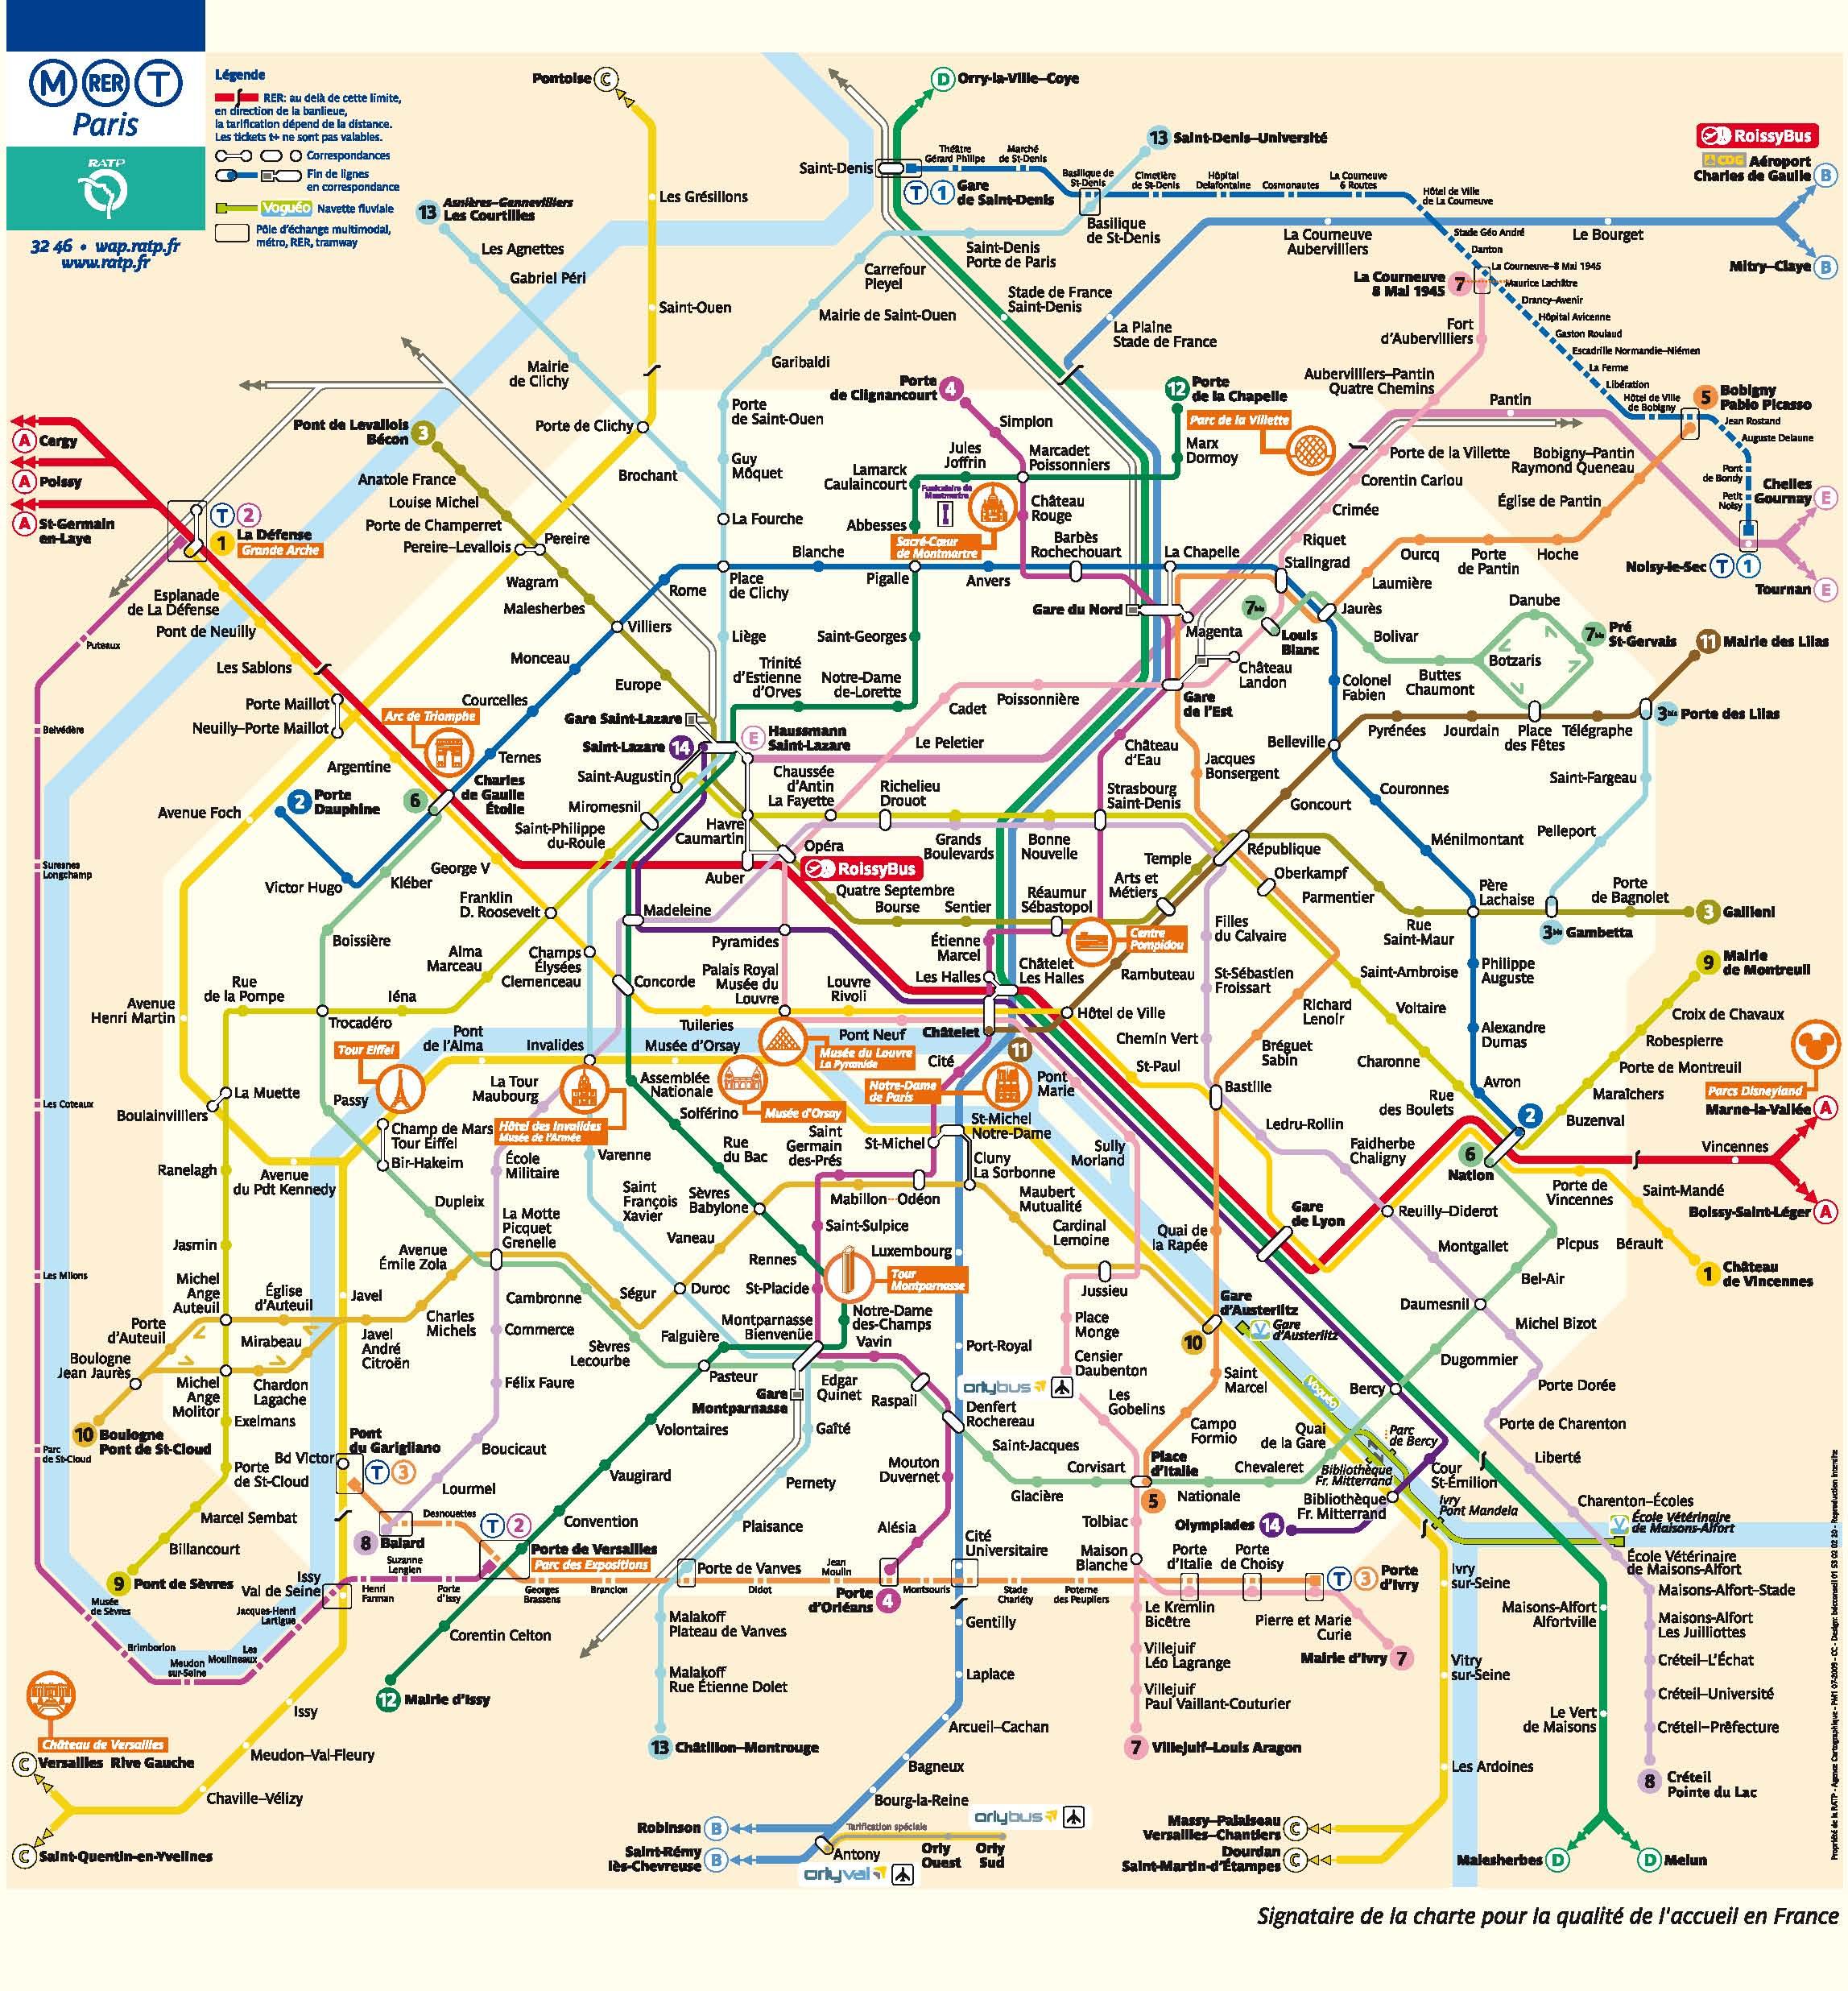 Paris Metro Zonen Karte.Paris Spectacle Kartenservice Linienplane Und Zonenplan